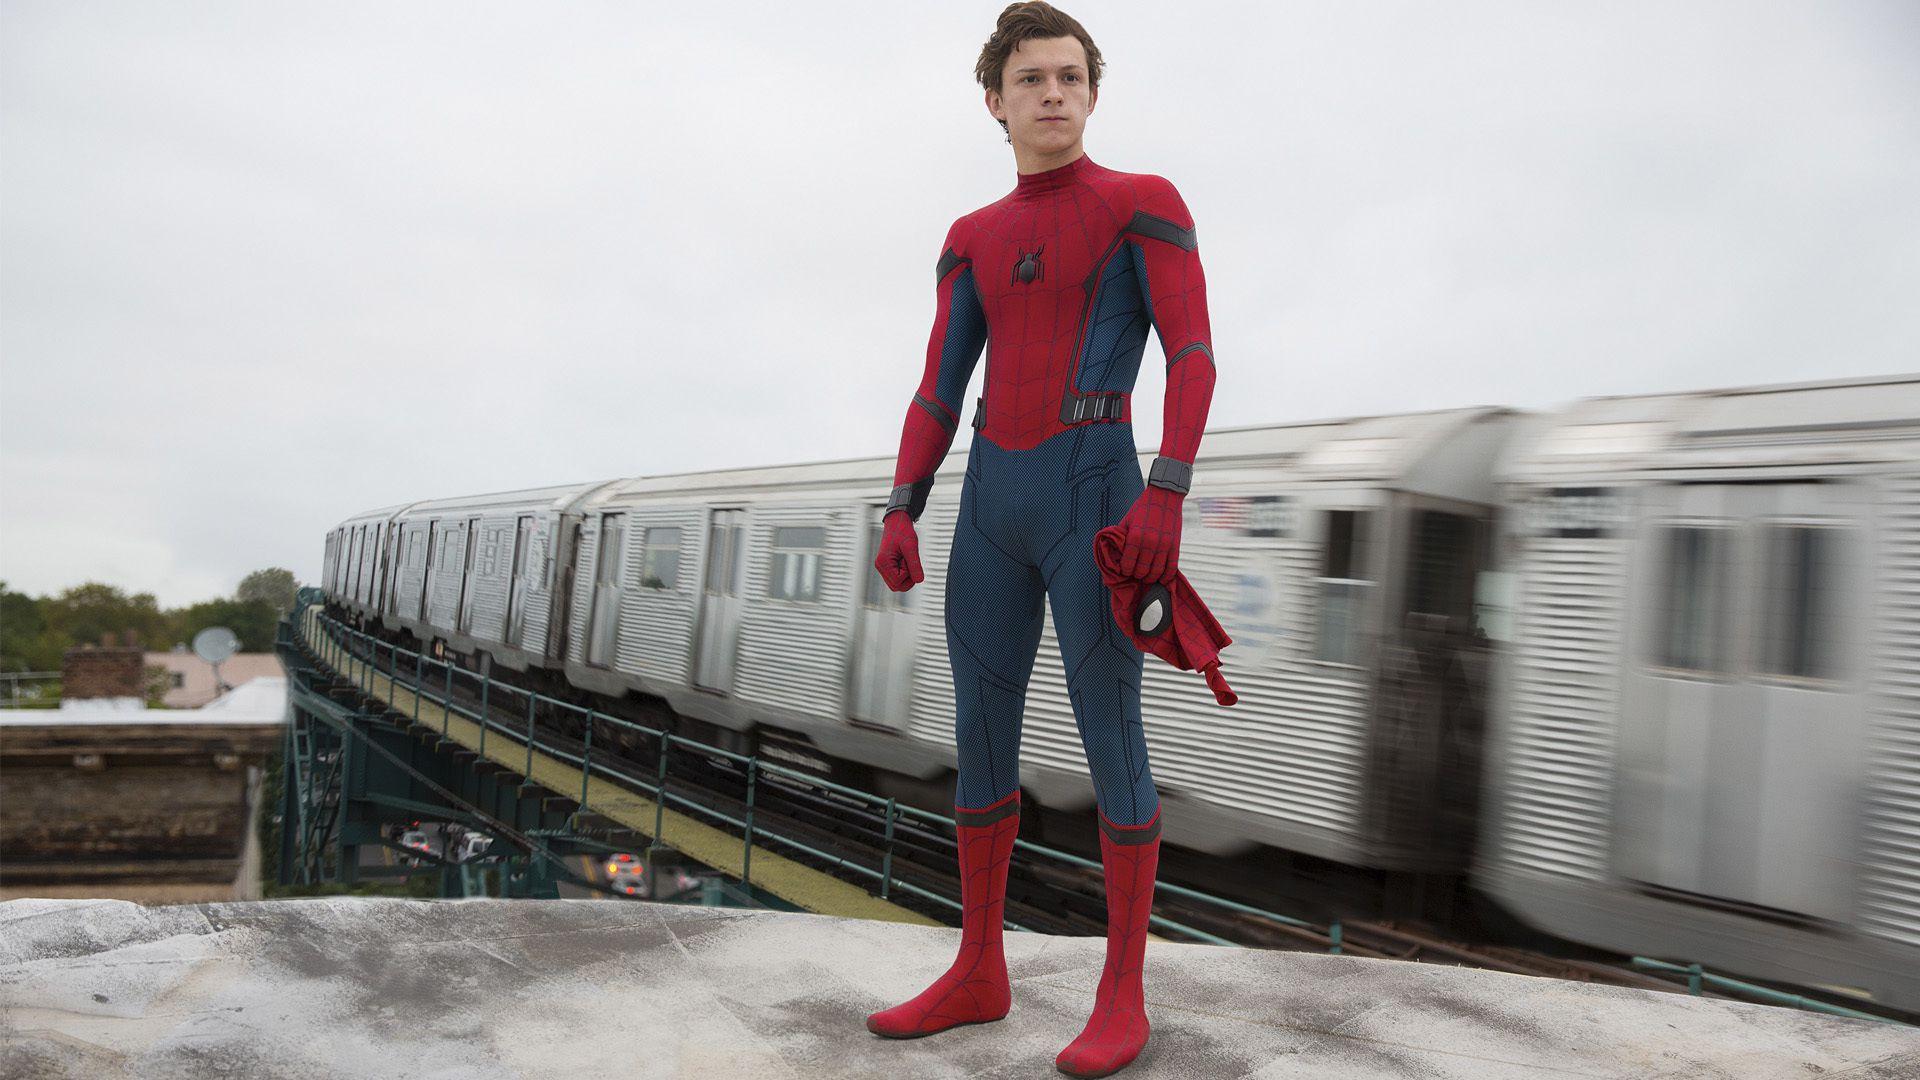 Terjadi Perselisihan Antara Sony dan Disney, Spider-Man Keluar Dari Marvel 3